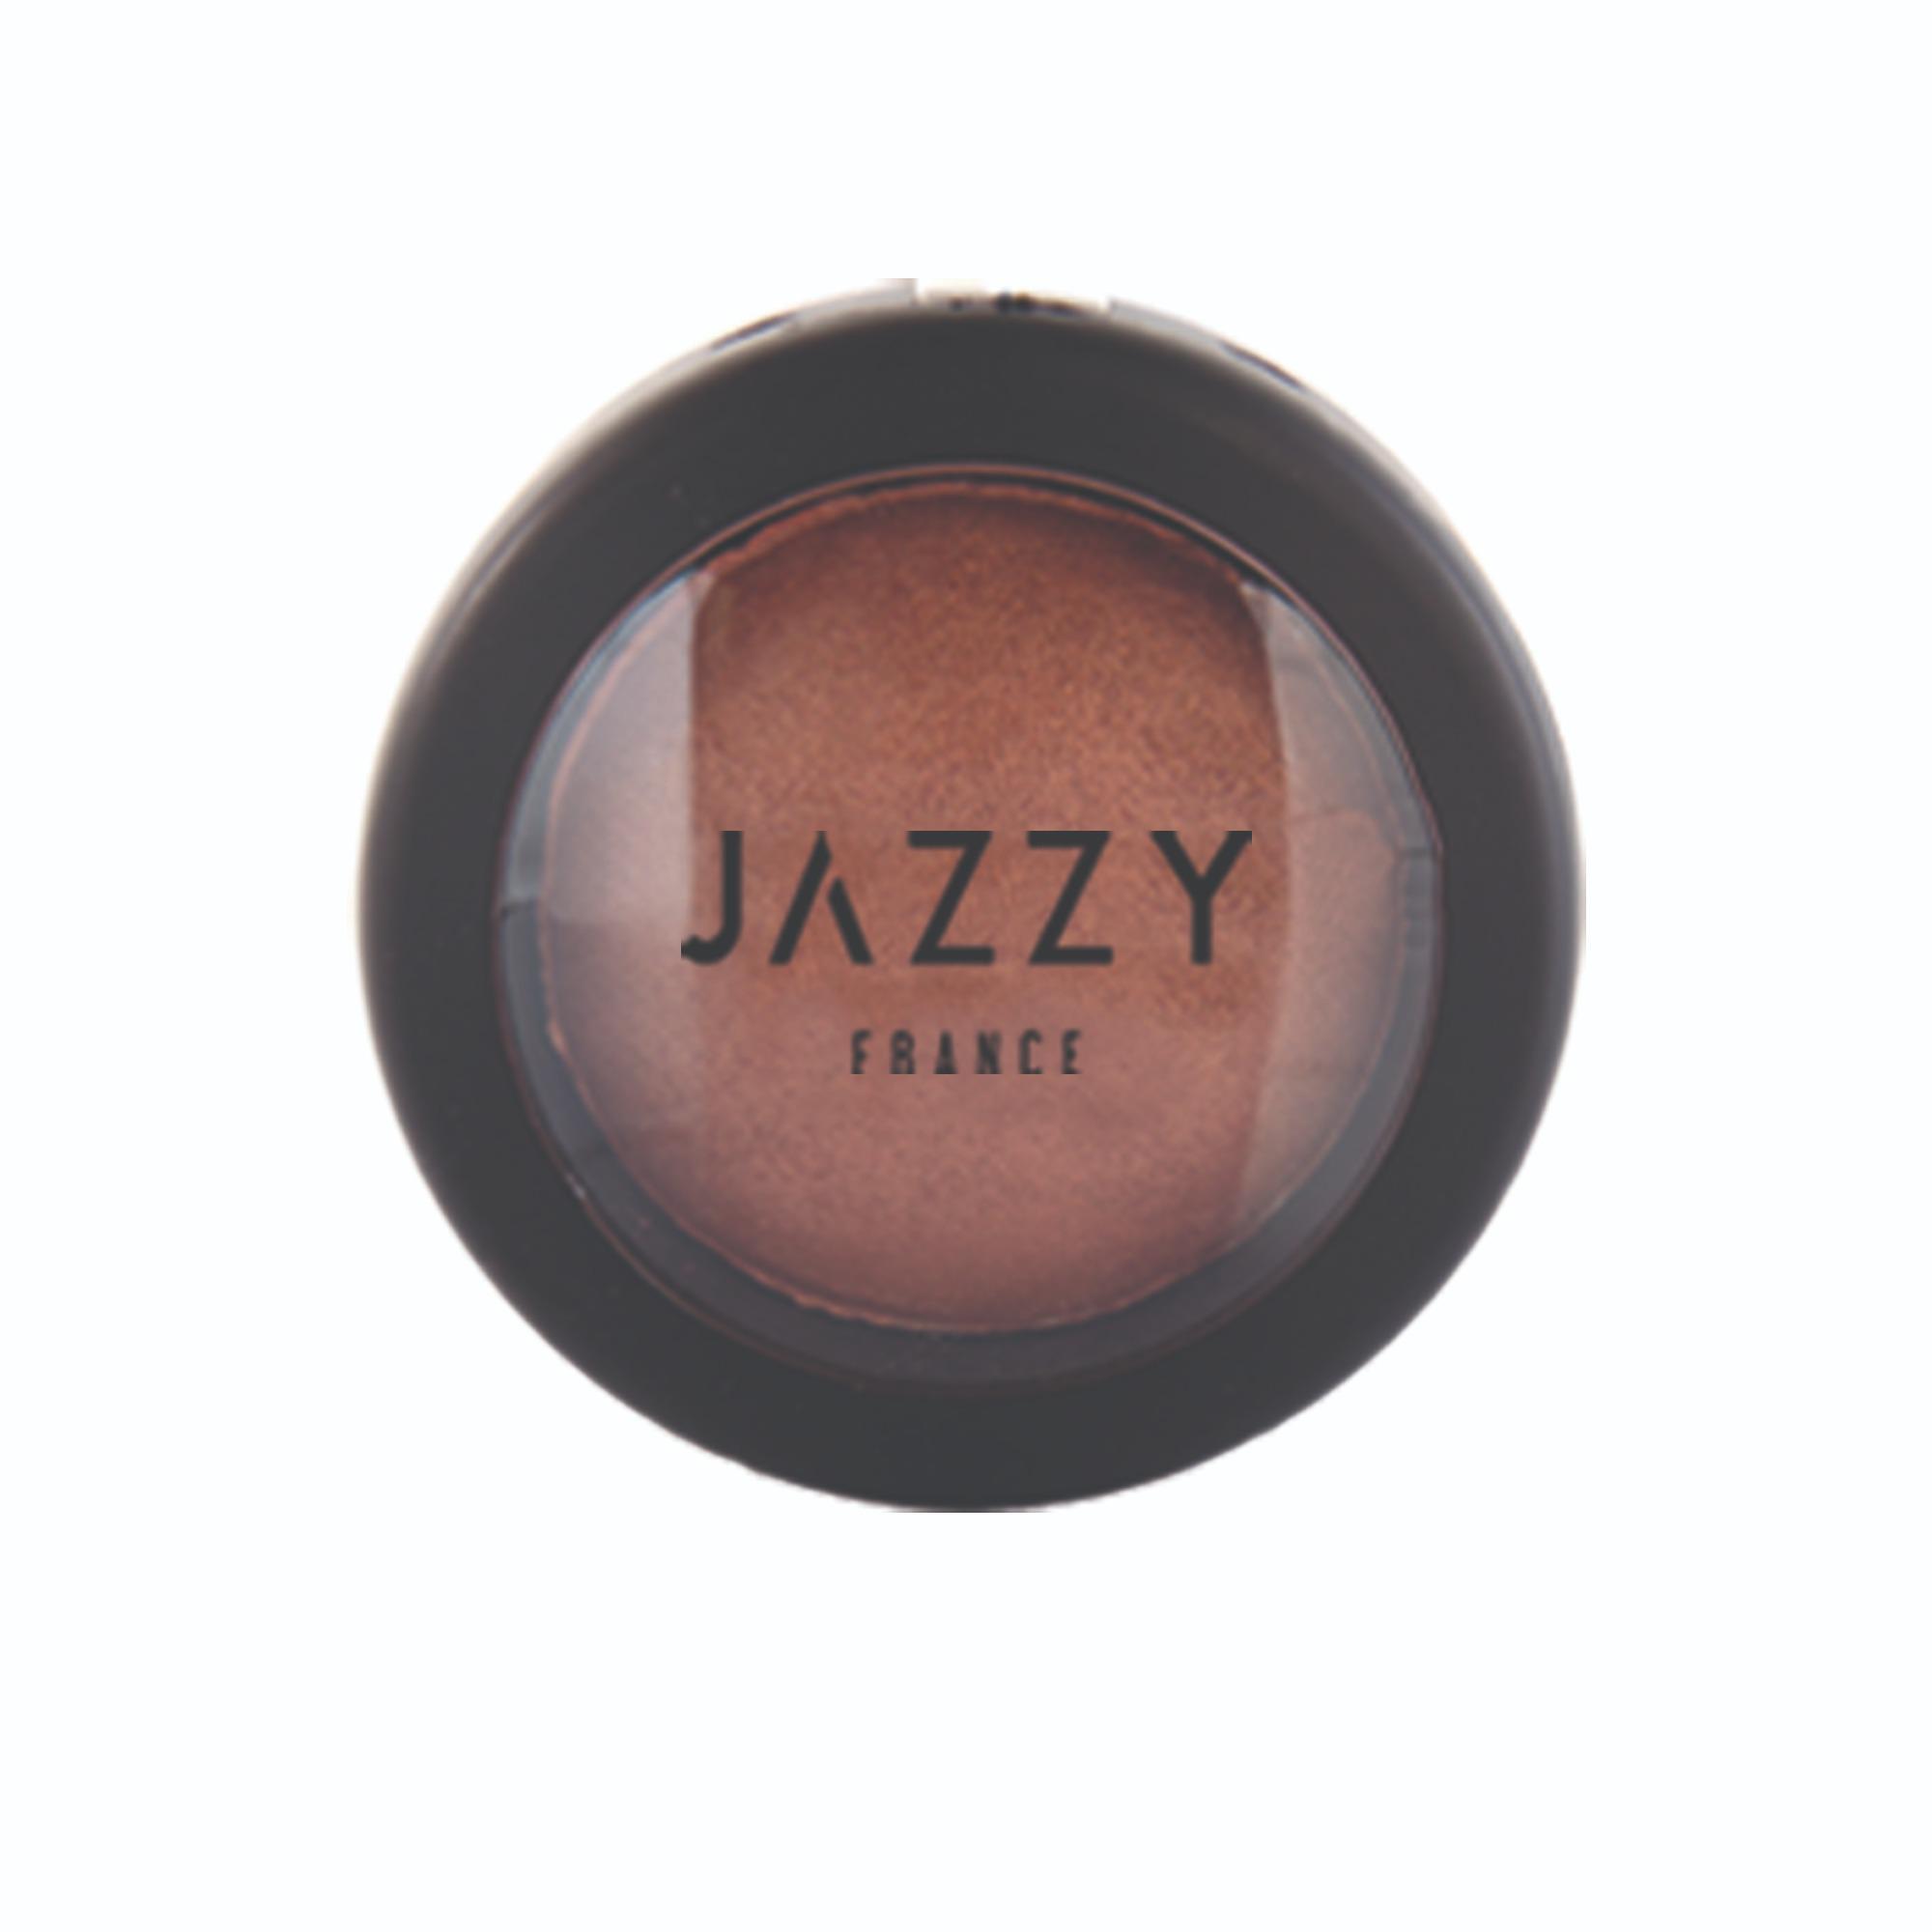 JAZZY FRANCE Bronzer Philippines